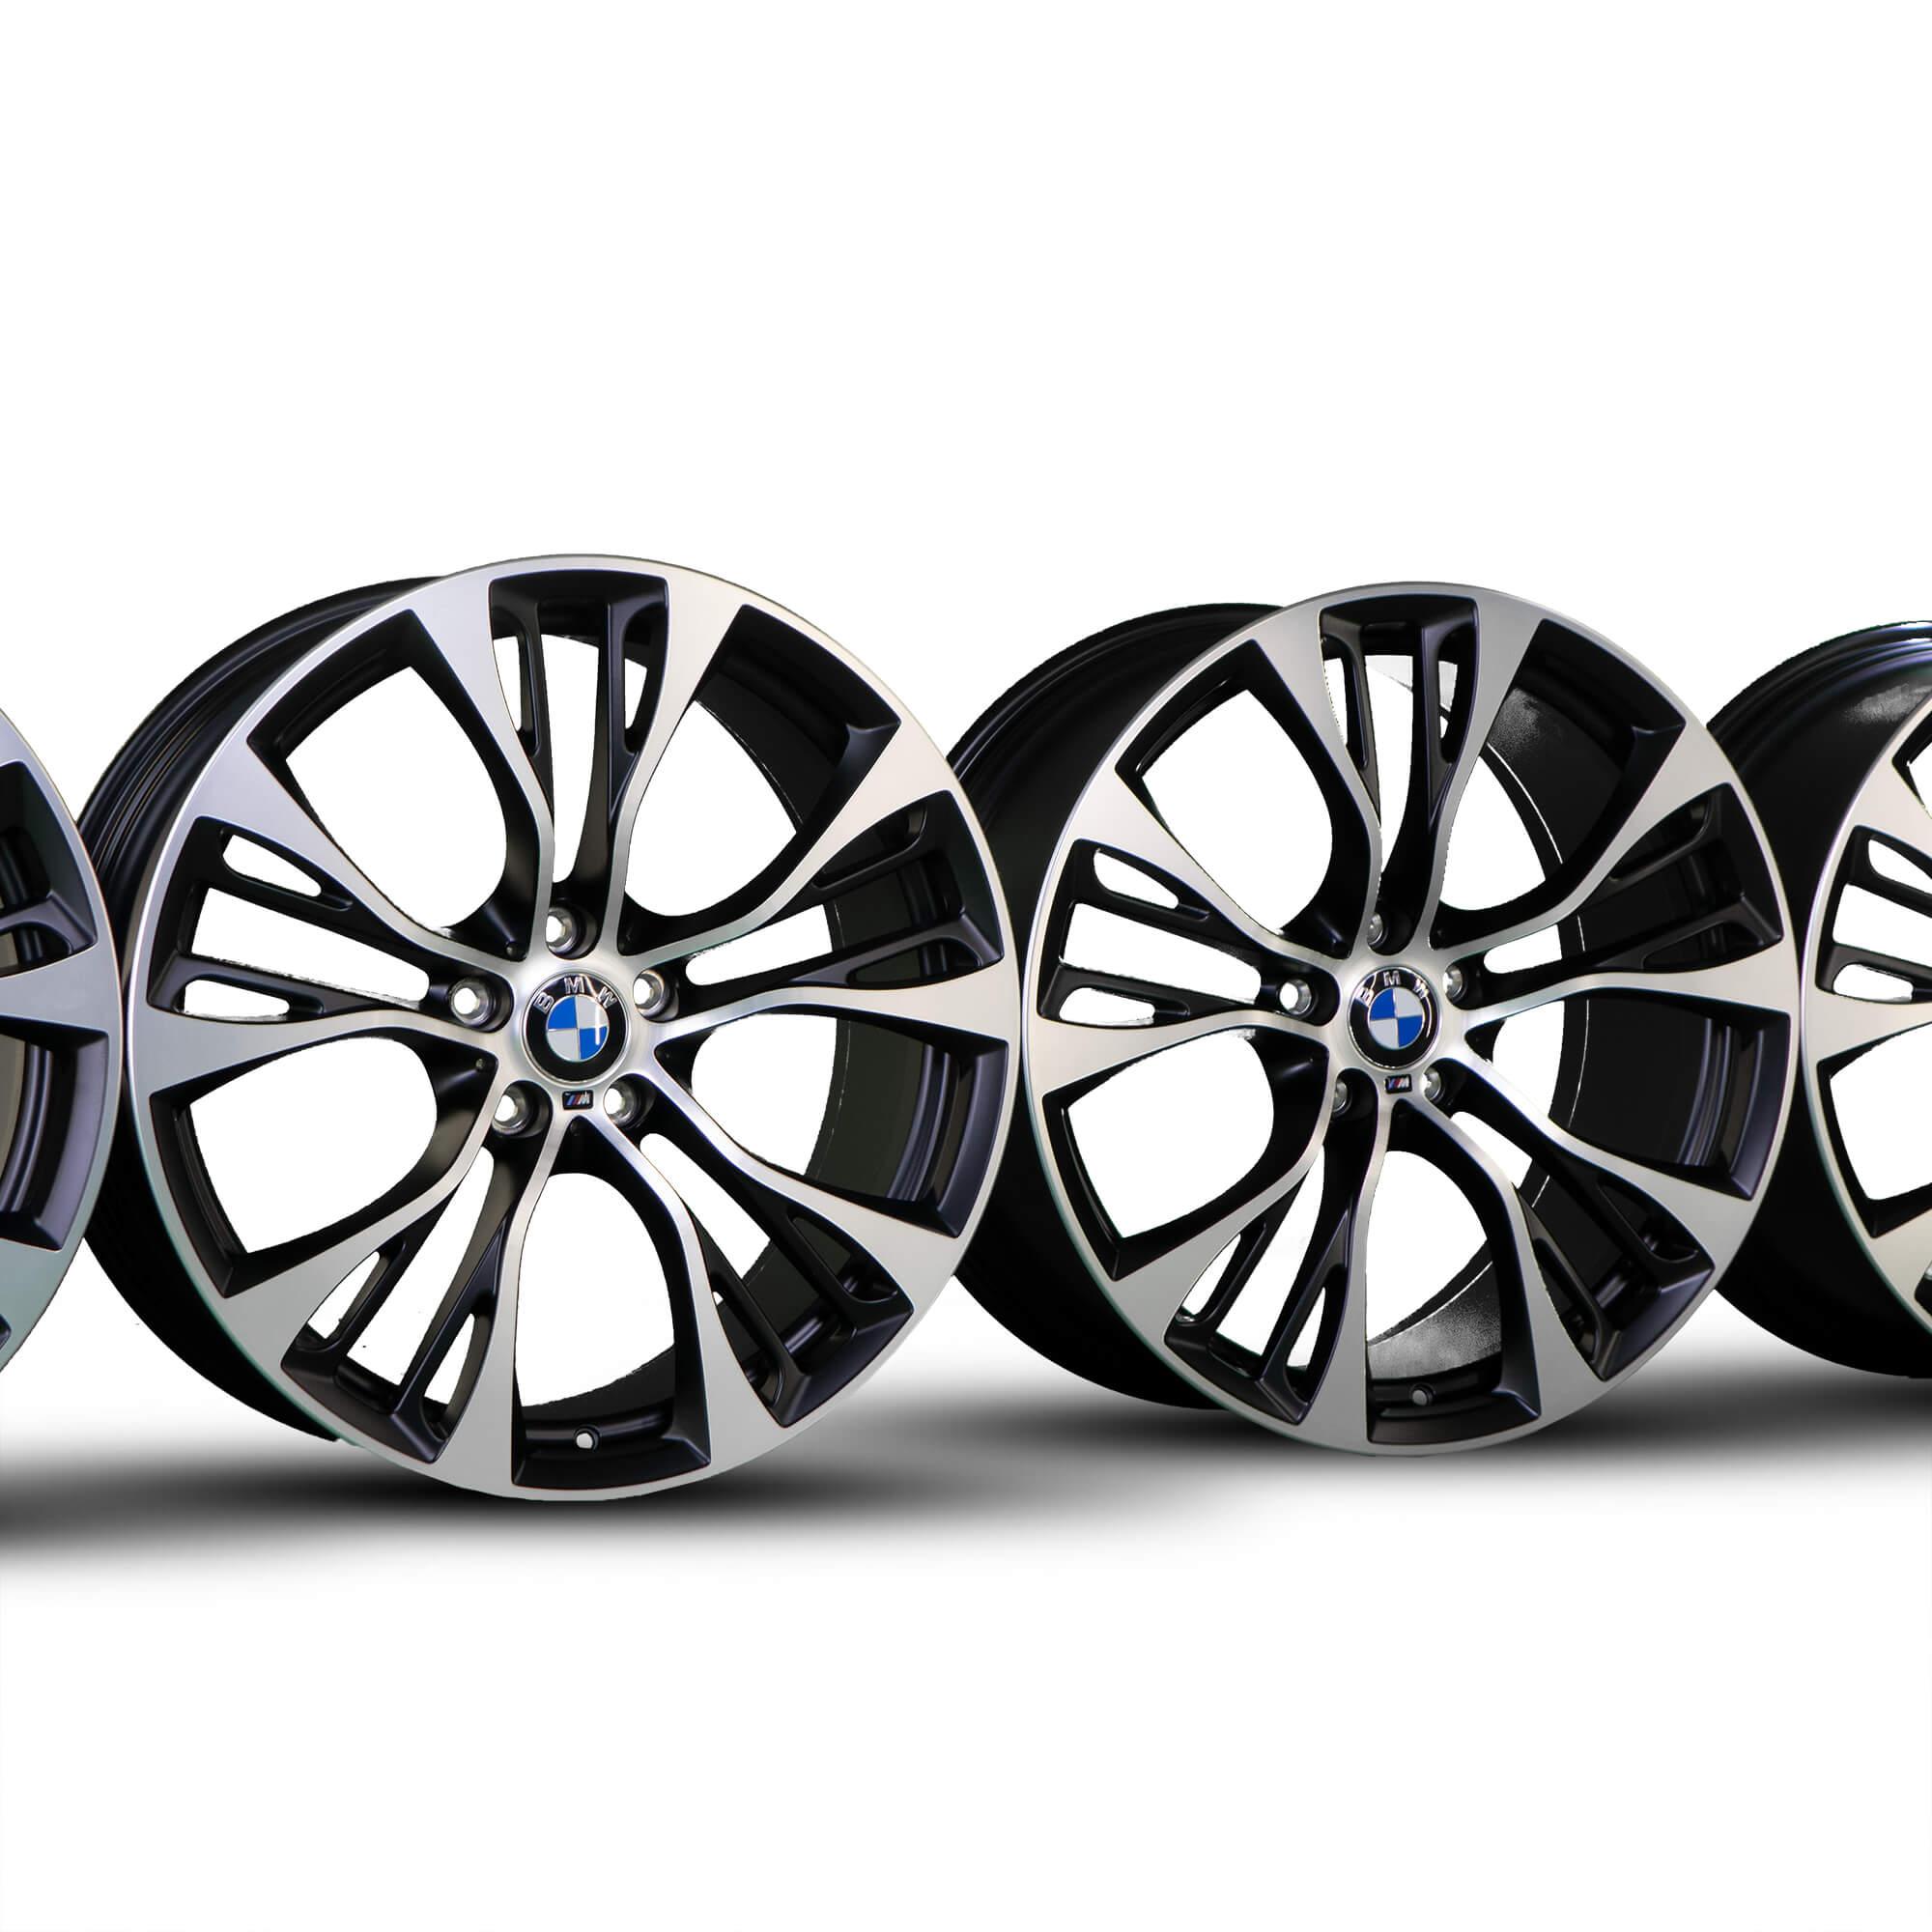 4x Bmw X3 F25 X4 F26 21 Pulgadas Con Llantas De Aluminio 6861374 6861375 Llantas Styling M599 Nuevo Ebay